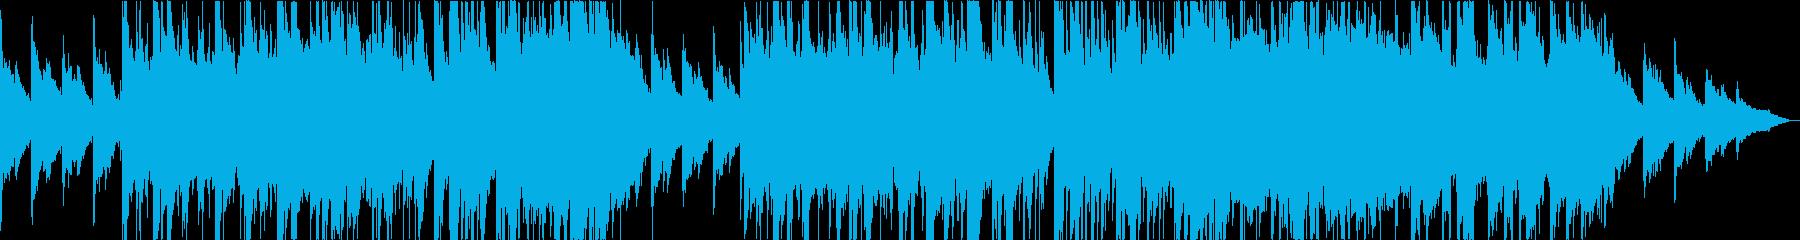 儚げで物悲しい雰囲気の現代的な曲の再生済みの波形